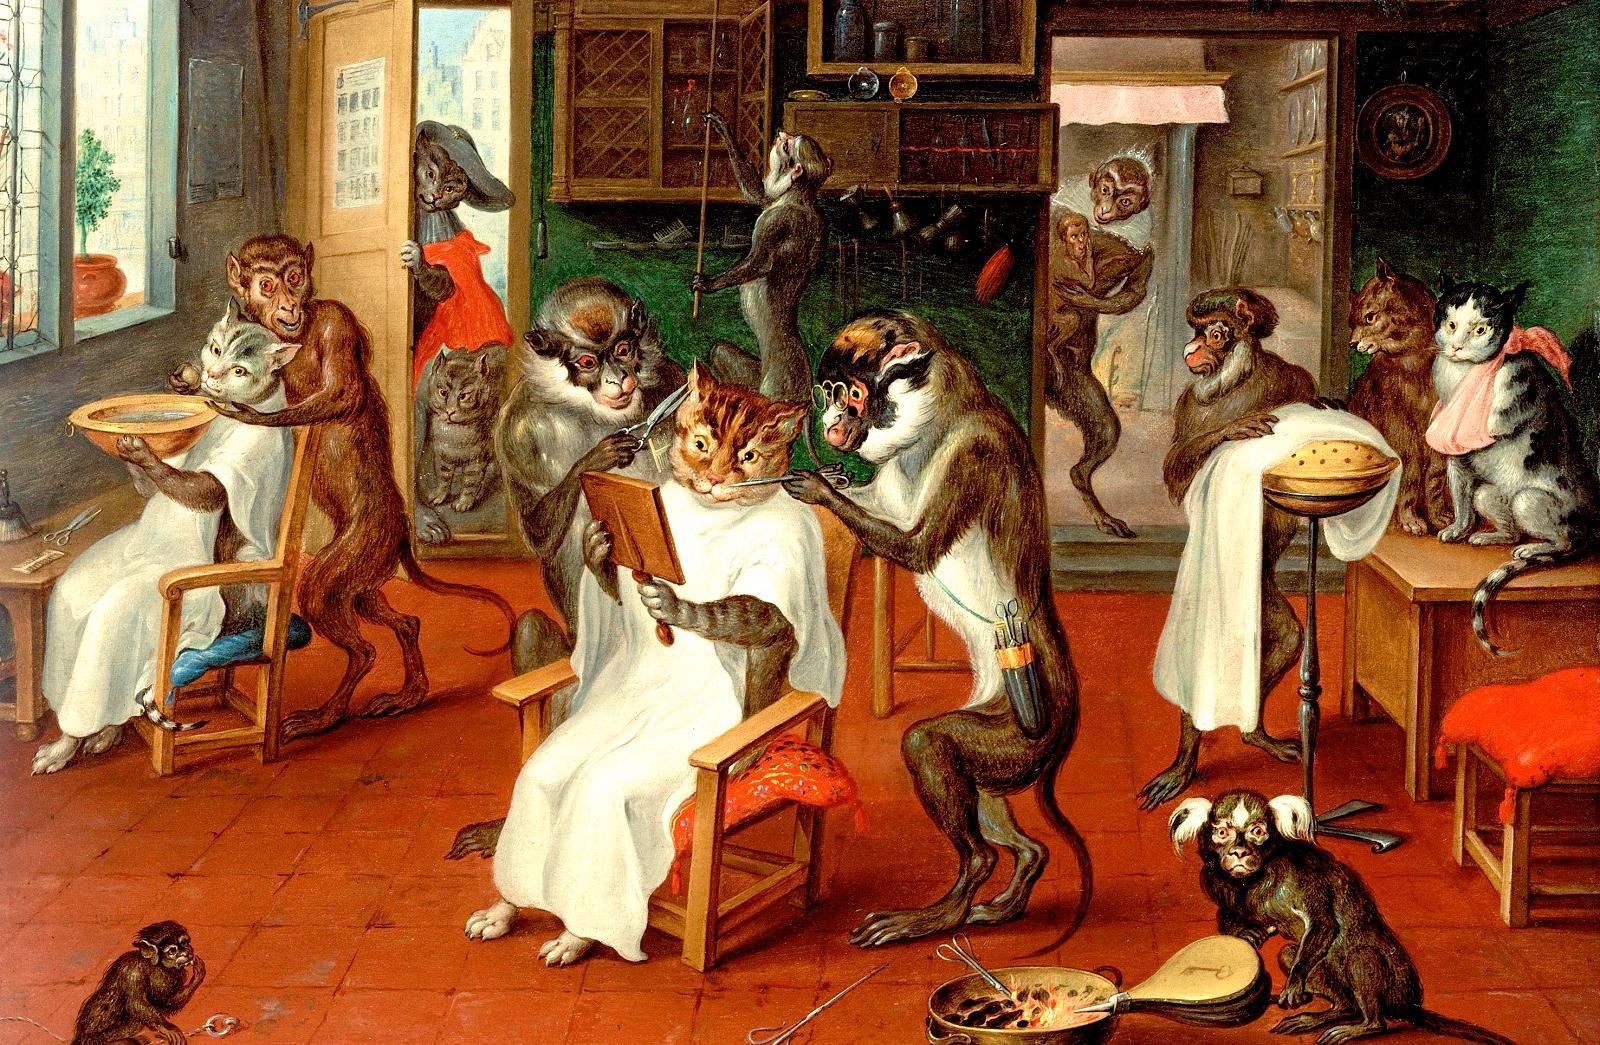 Авраам Тенирс. Парикмахерская с обезьянами и котами, между 1633 и 1667.